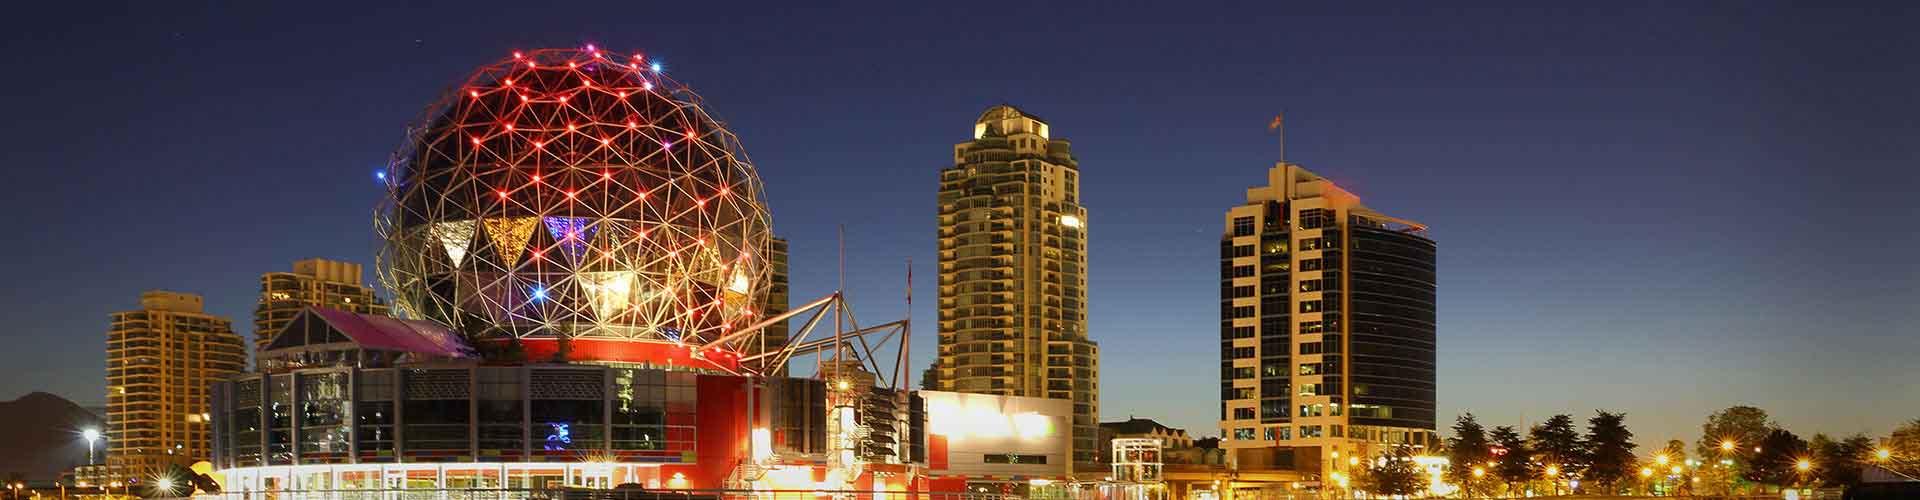 Vancouver – Studentenunterkünfte, Hostels und Büroräume in Vancouver (Kanada). Karte von Vancouver, Fotos und Rezensionen von Studentenunterkünften, Hostels und Büroräumen in Vancouver.